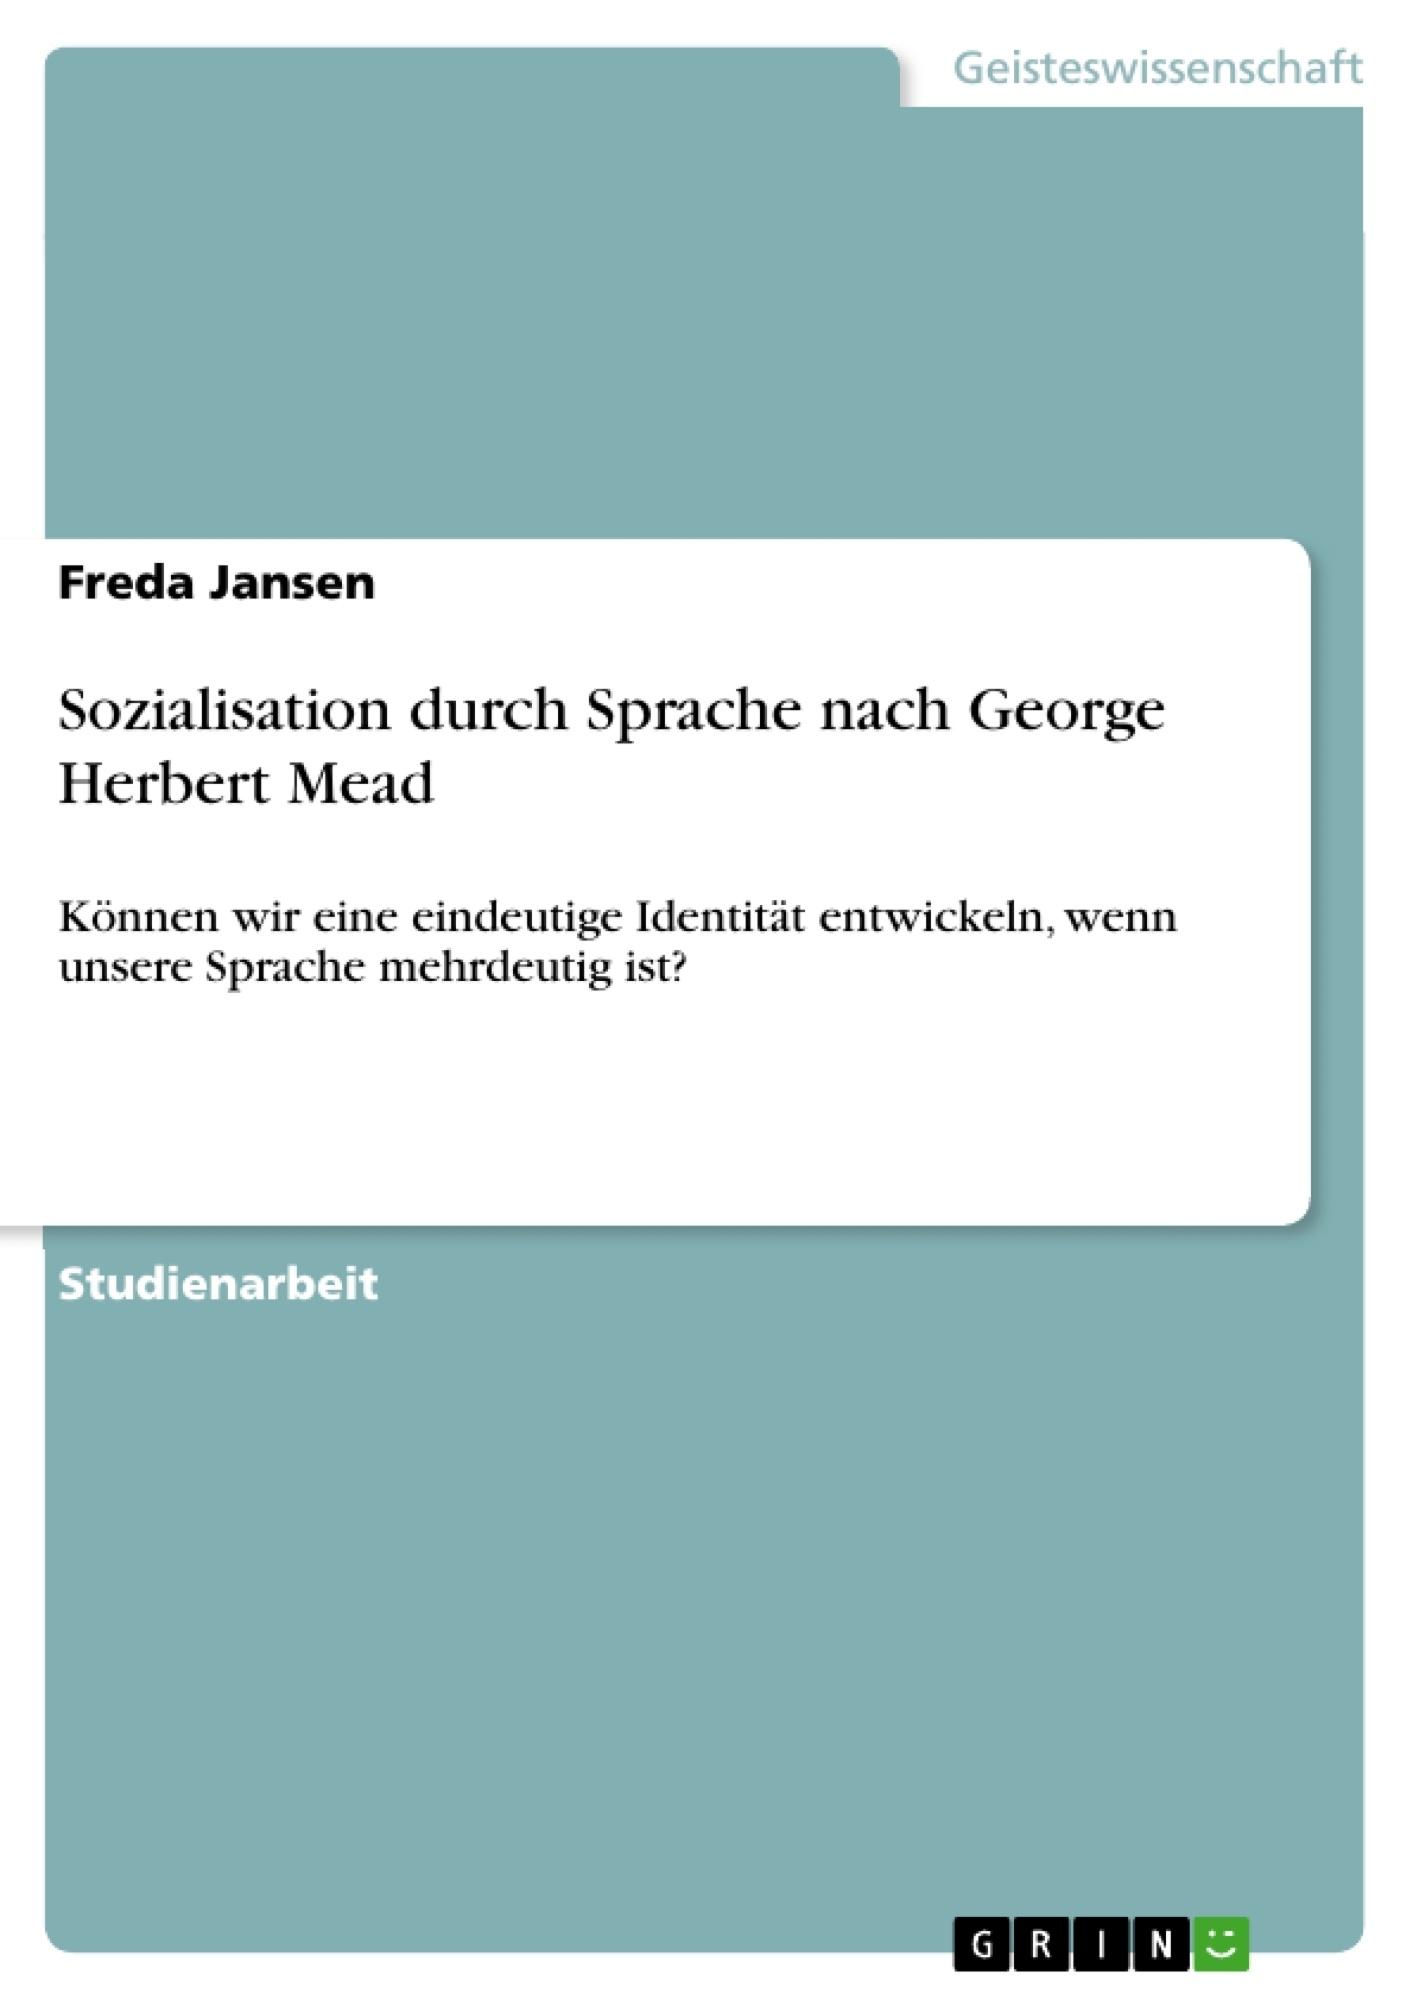 Titel: Sozialisation durch Sprache nach George Herbert Mead